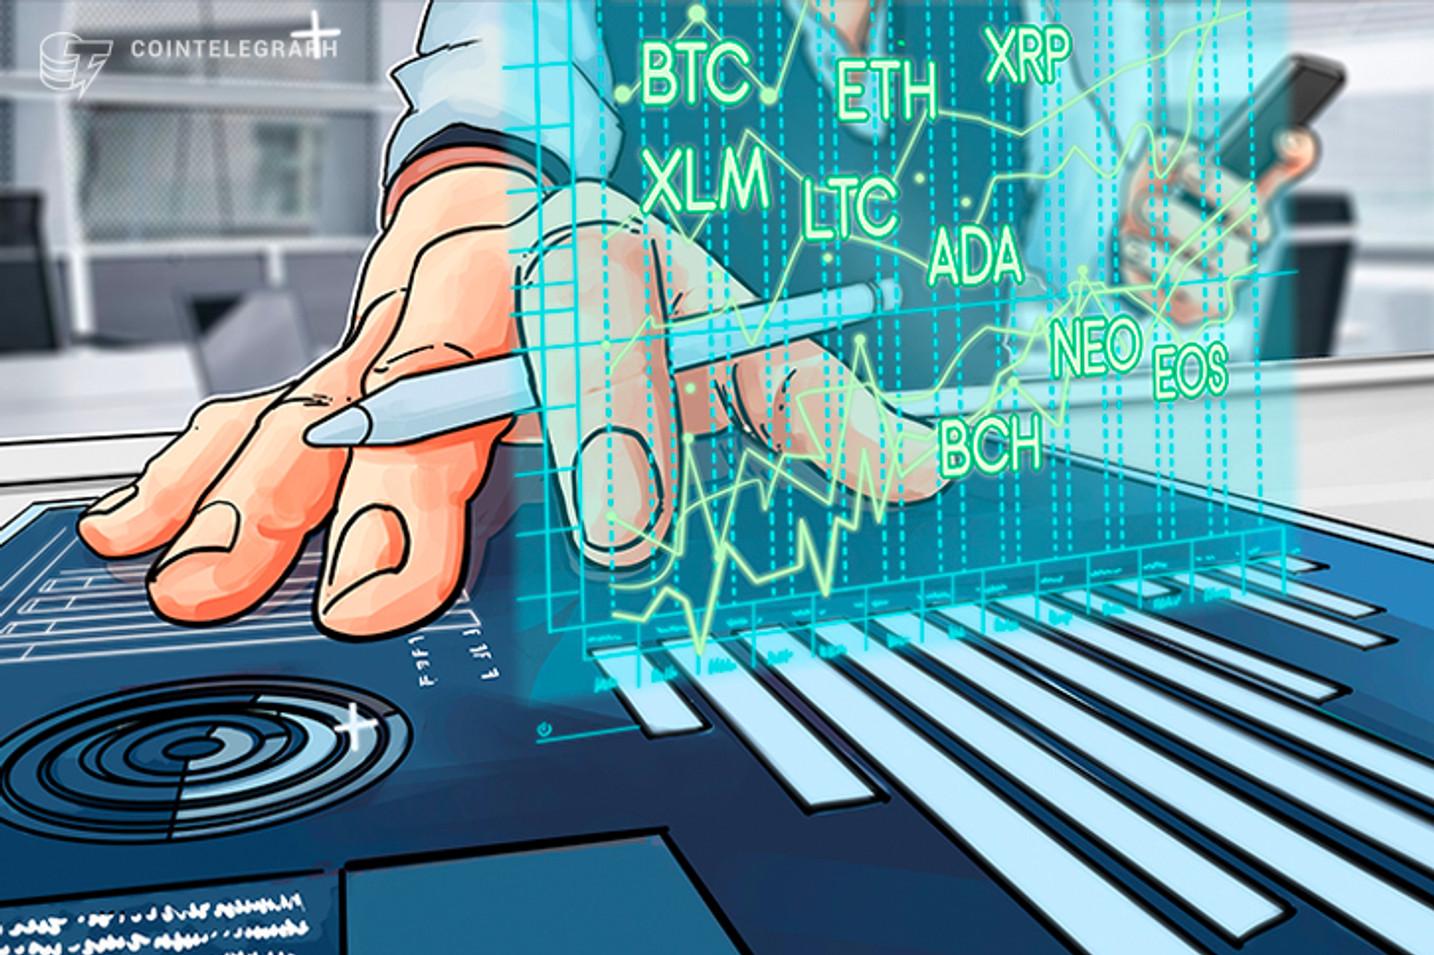 Análise de preços, 02 de março: Bitcoin, Ethereum, Bitcoin Cash, Ripple, Stellar, Litecoin, Cardano, NEO, EOS